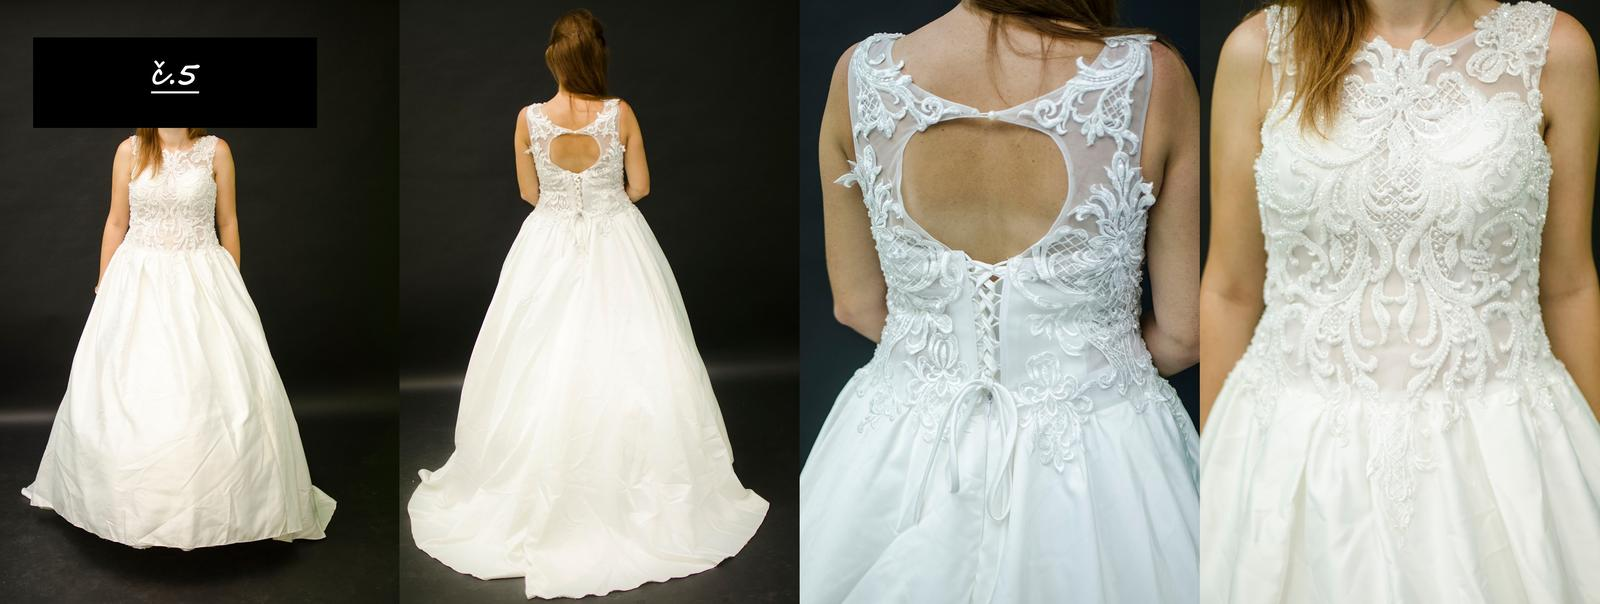 Svatební šaty XL - Obrázek č. 1